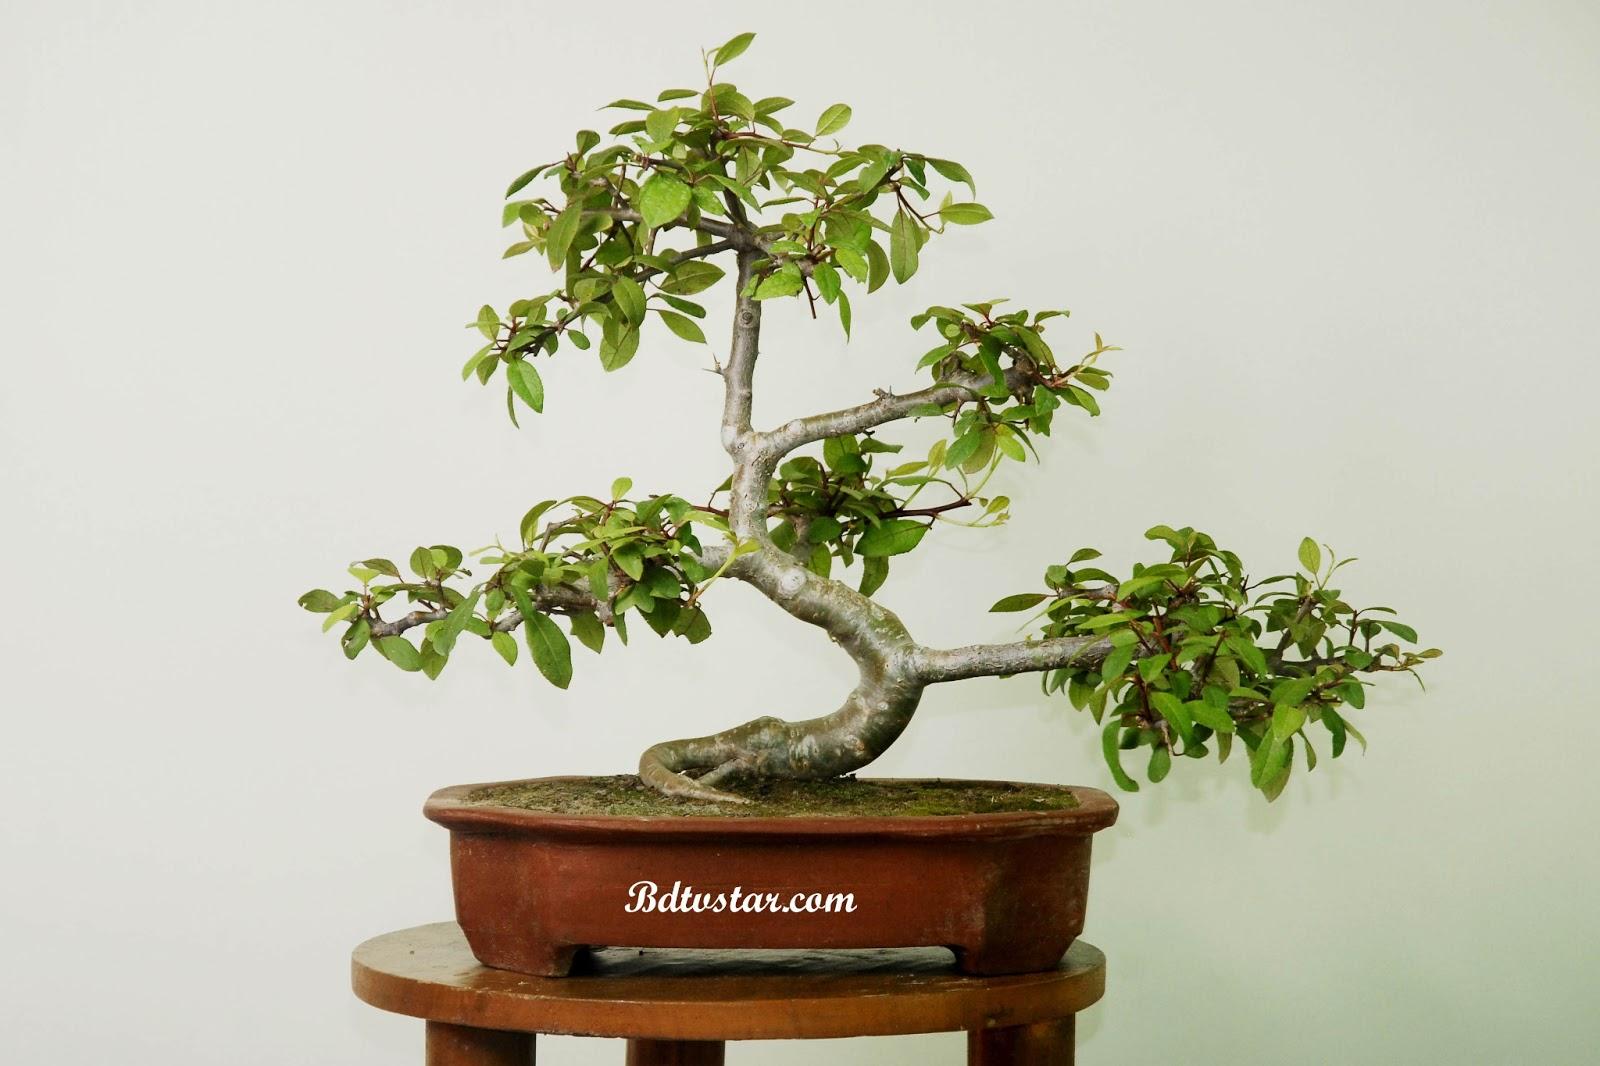 bonsai wallpaper 03 ndash - photo #30